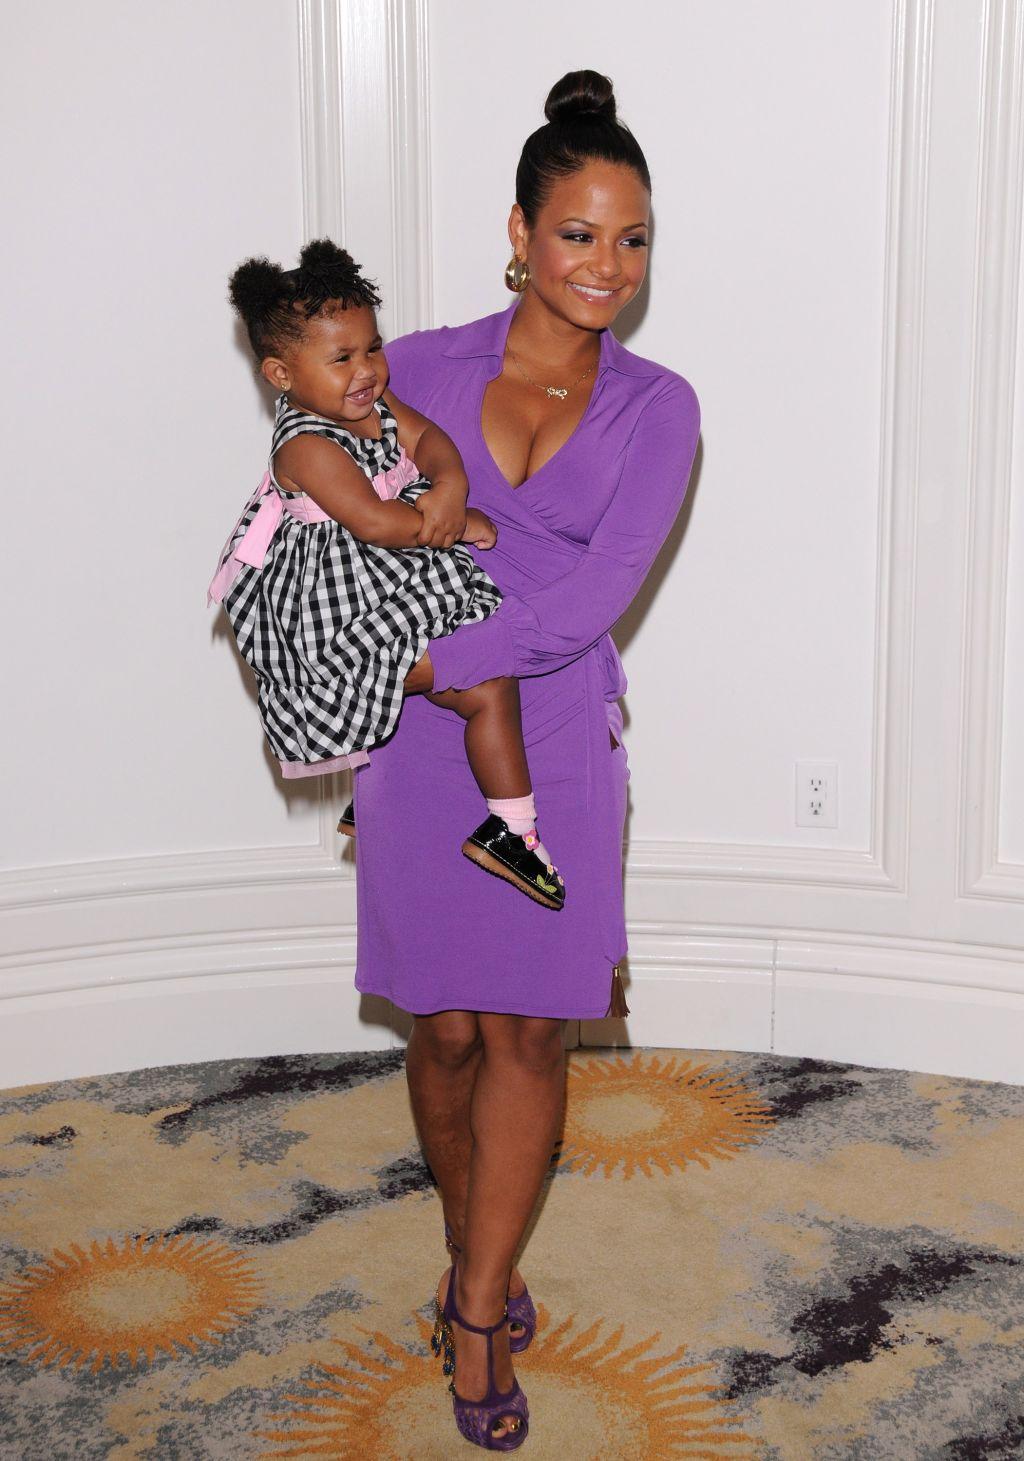 Christina Milian & daughter Violet Nash